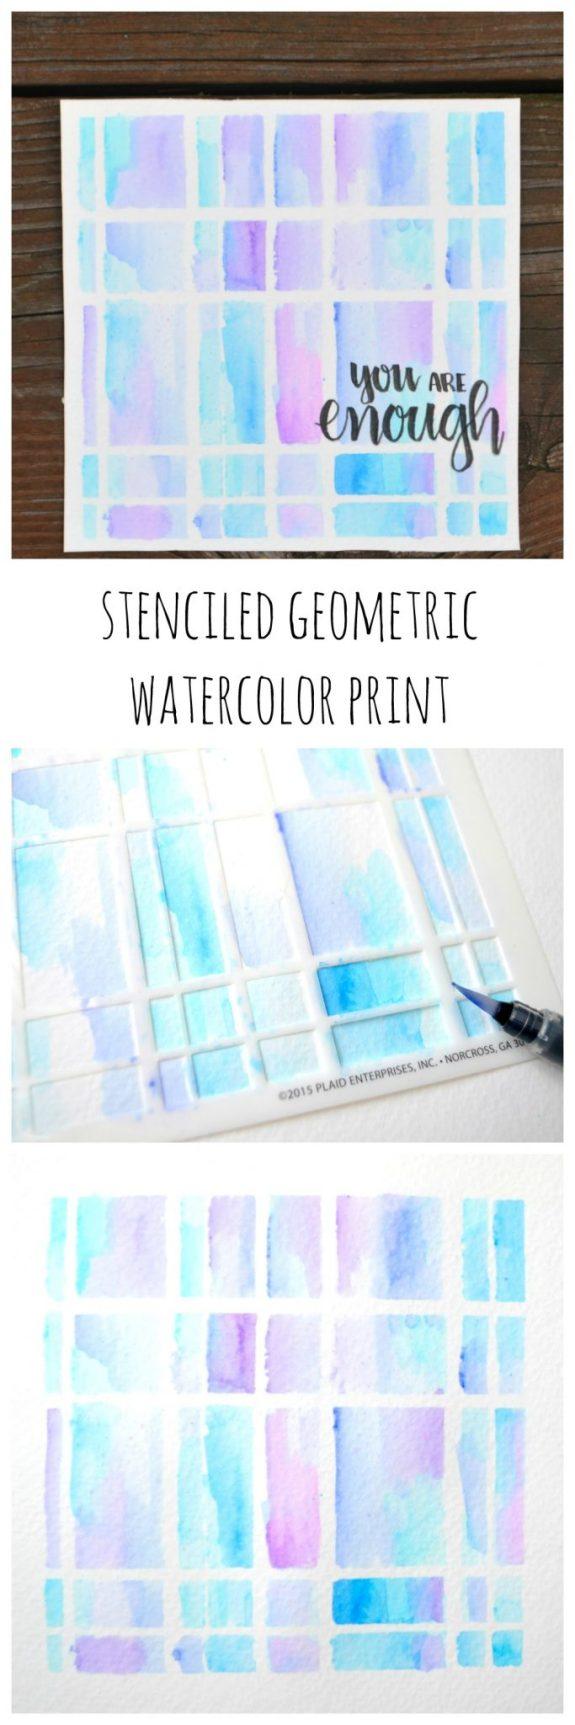 Geometric Watercolor Print